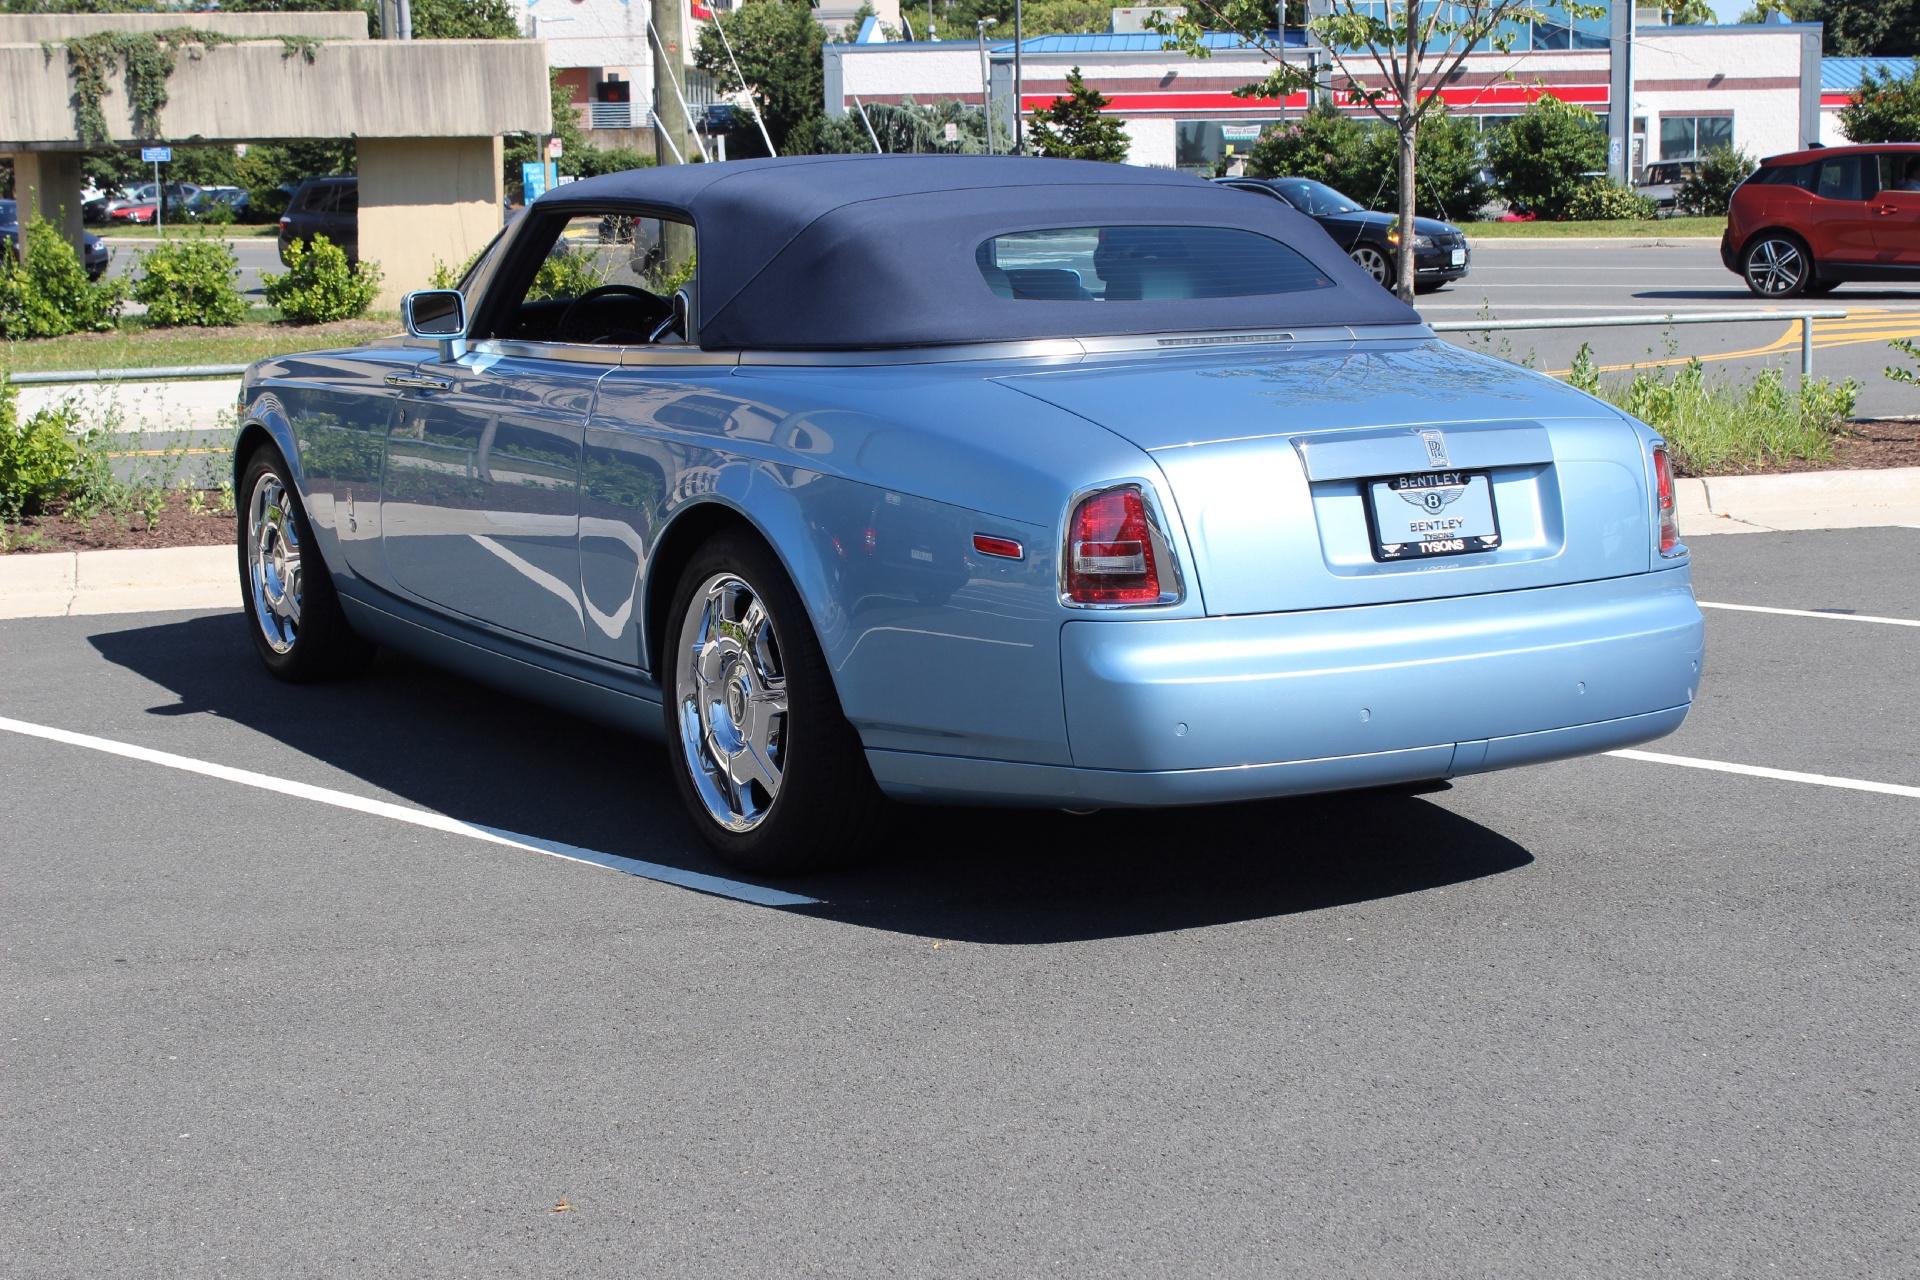 2008 rolls royce phantom drophead coupe stock pux16161 - Rolls royce phantom drophead coupe for sale ...